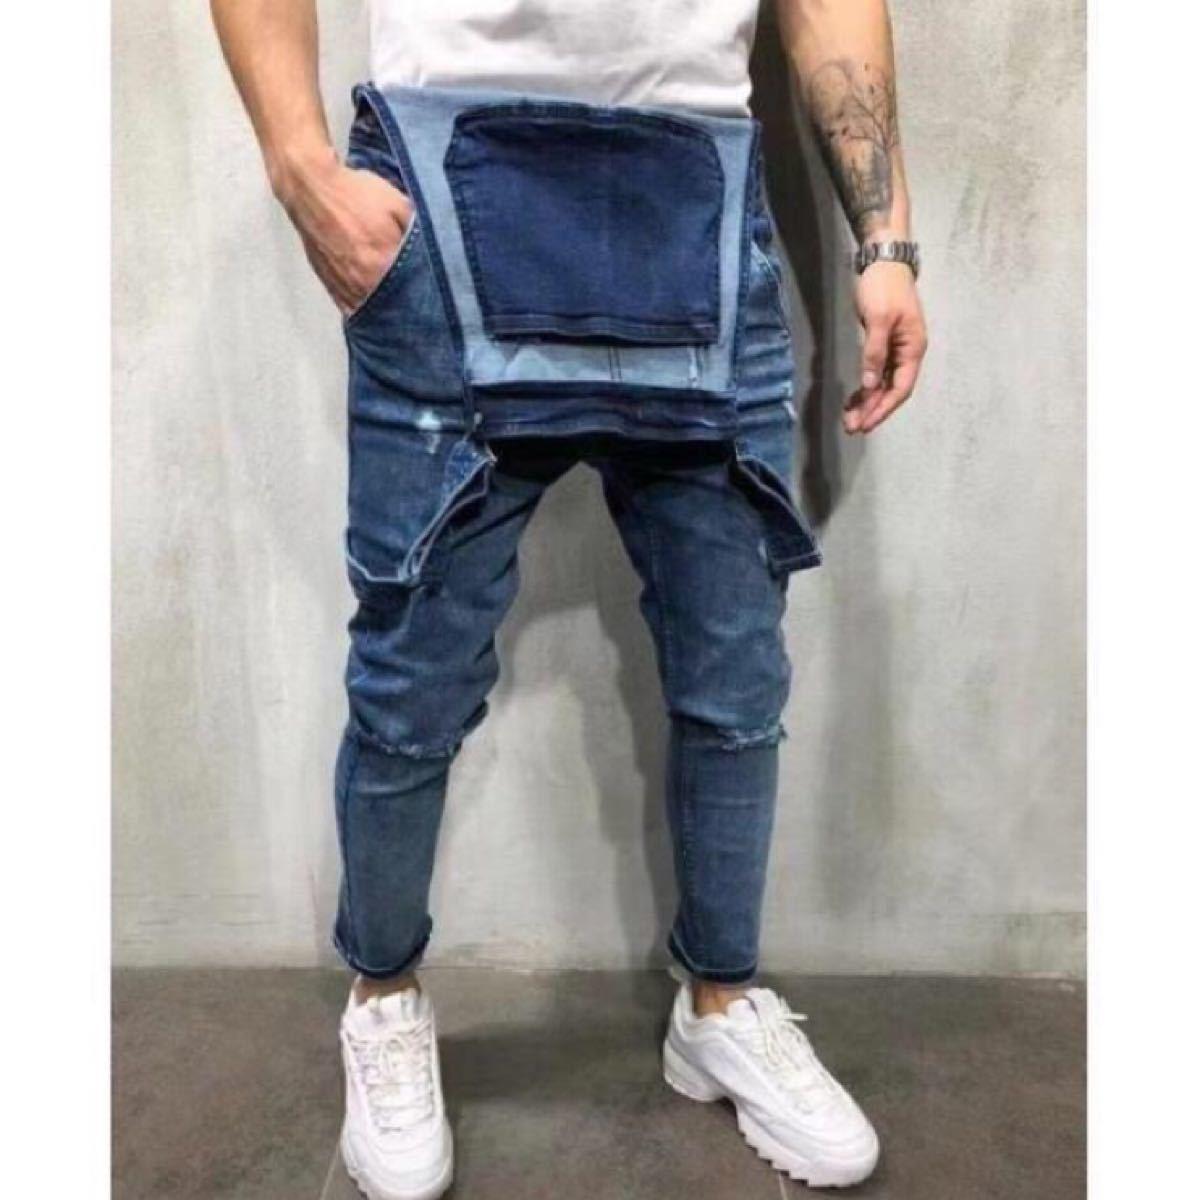 デニム サロペット オーバーオール ジーンズ オールインワン デニムパンツ ペインターパンツ メンズ M L ブルー 青  作業服